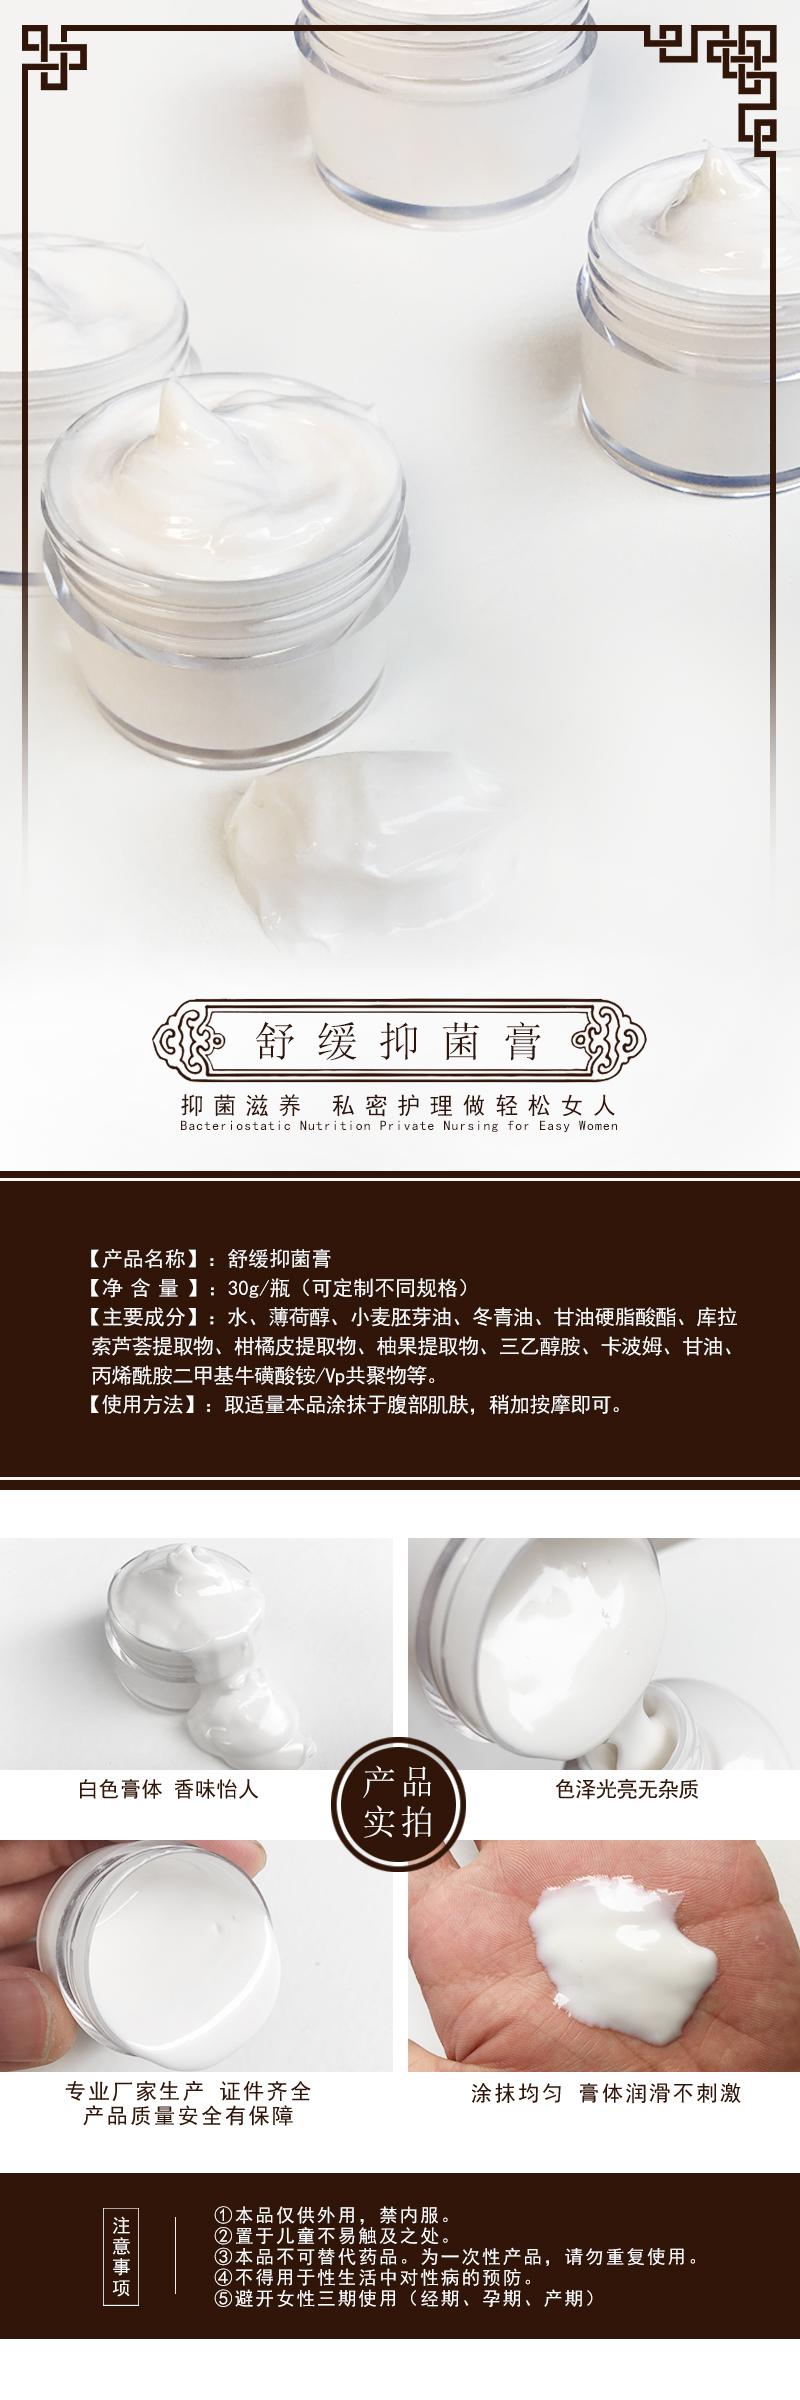 广州开窍膏厂家私密按摩膏 女性护理 外用保养产品oem 贴牌代加工